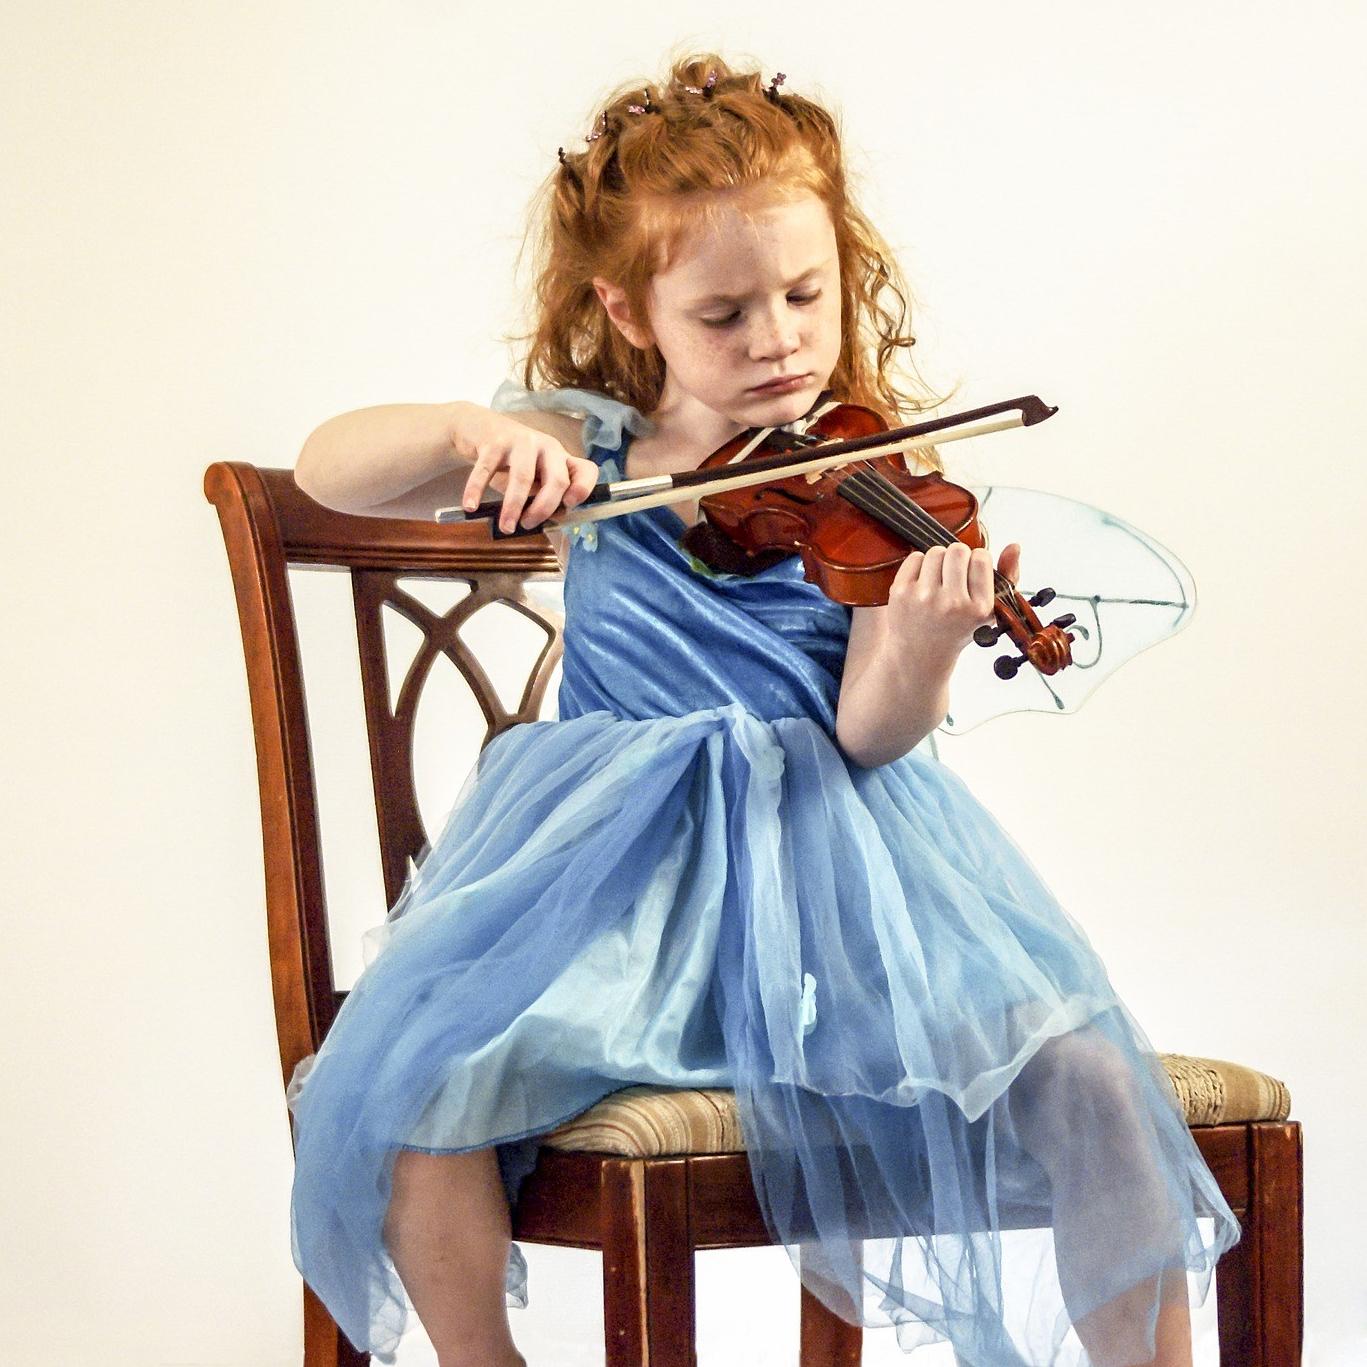 Escena de clases particulares de violín